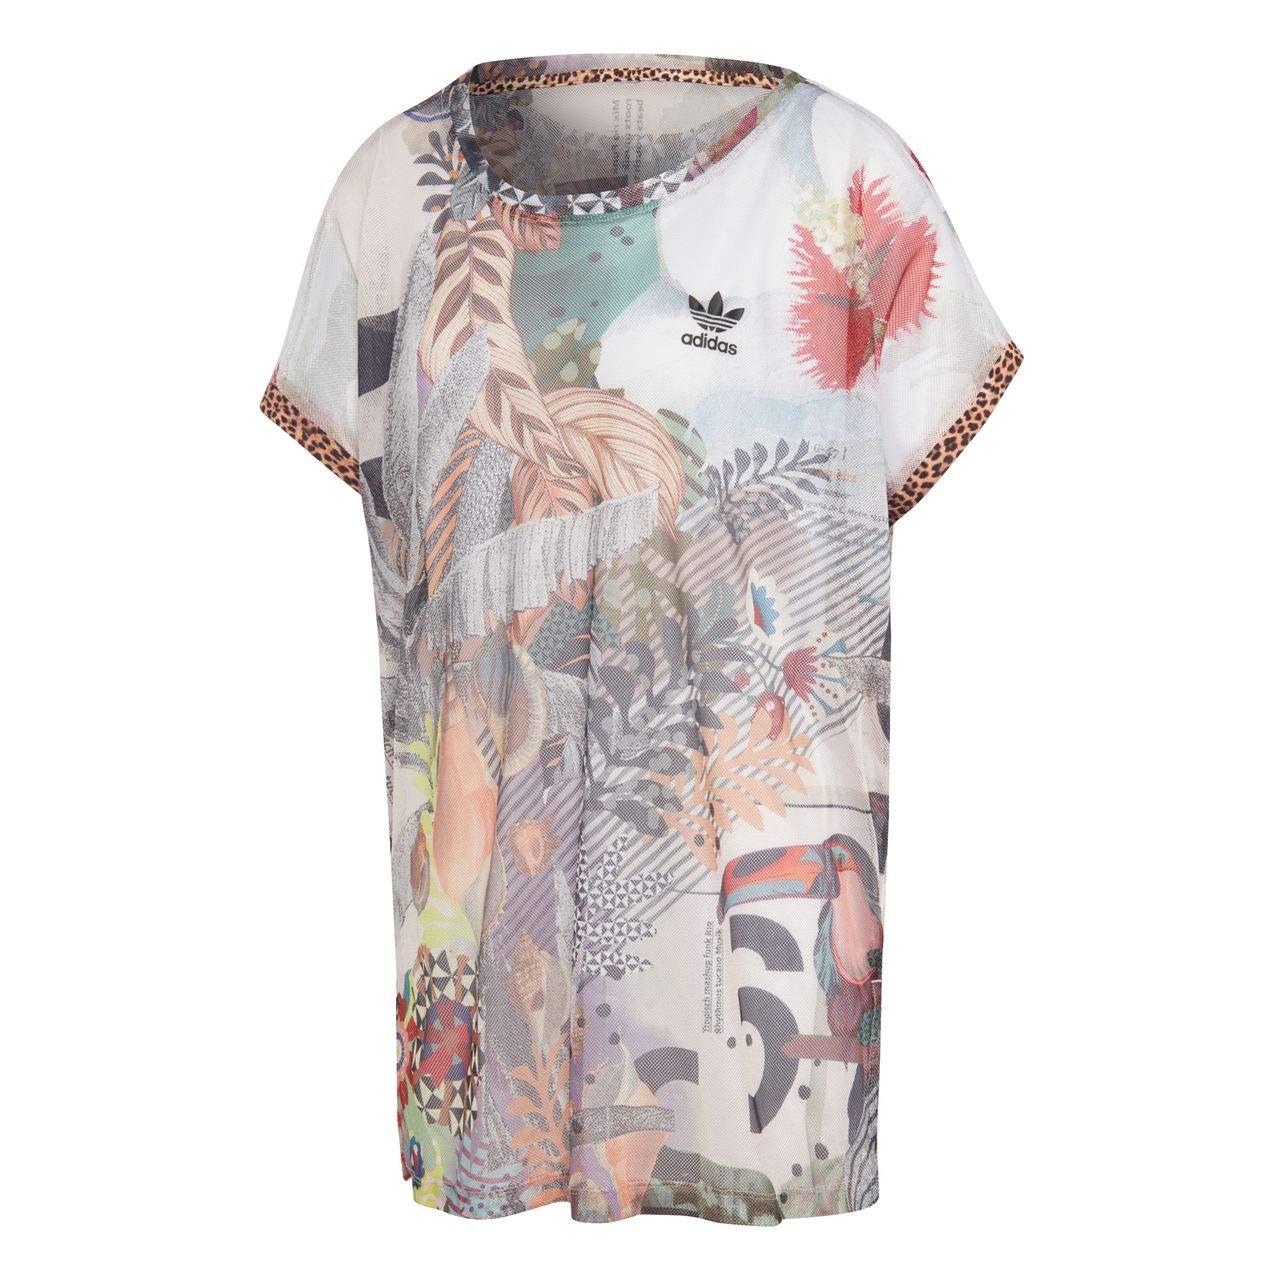 TALLA 38 M (Medium). Adidas T-Shirt Boxy